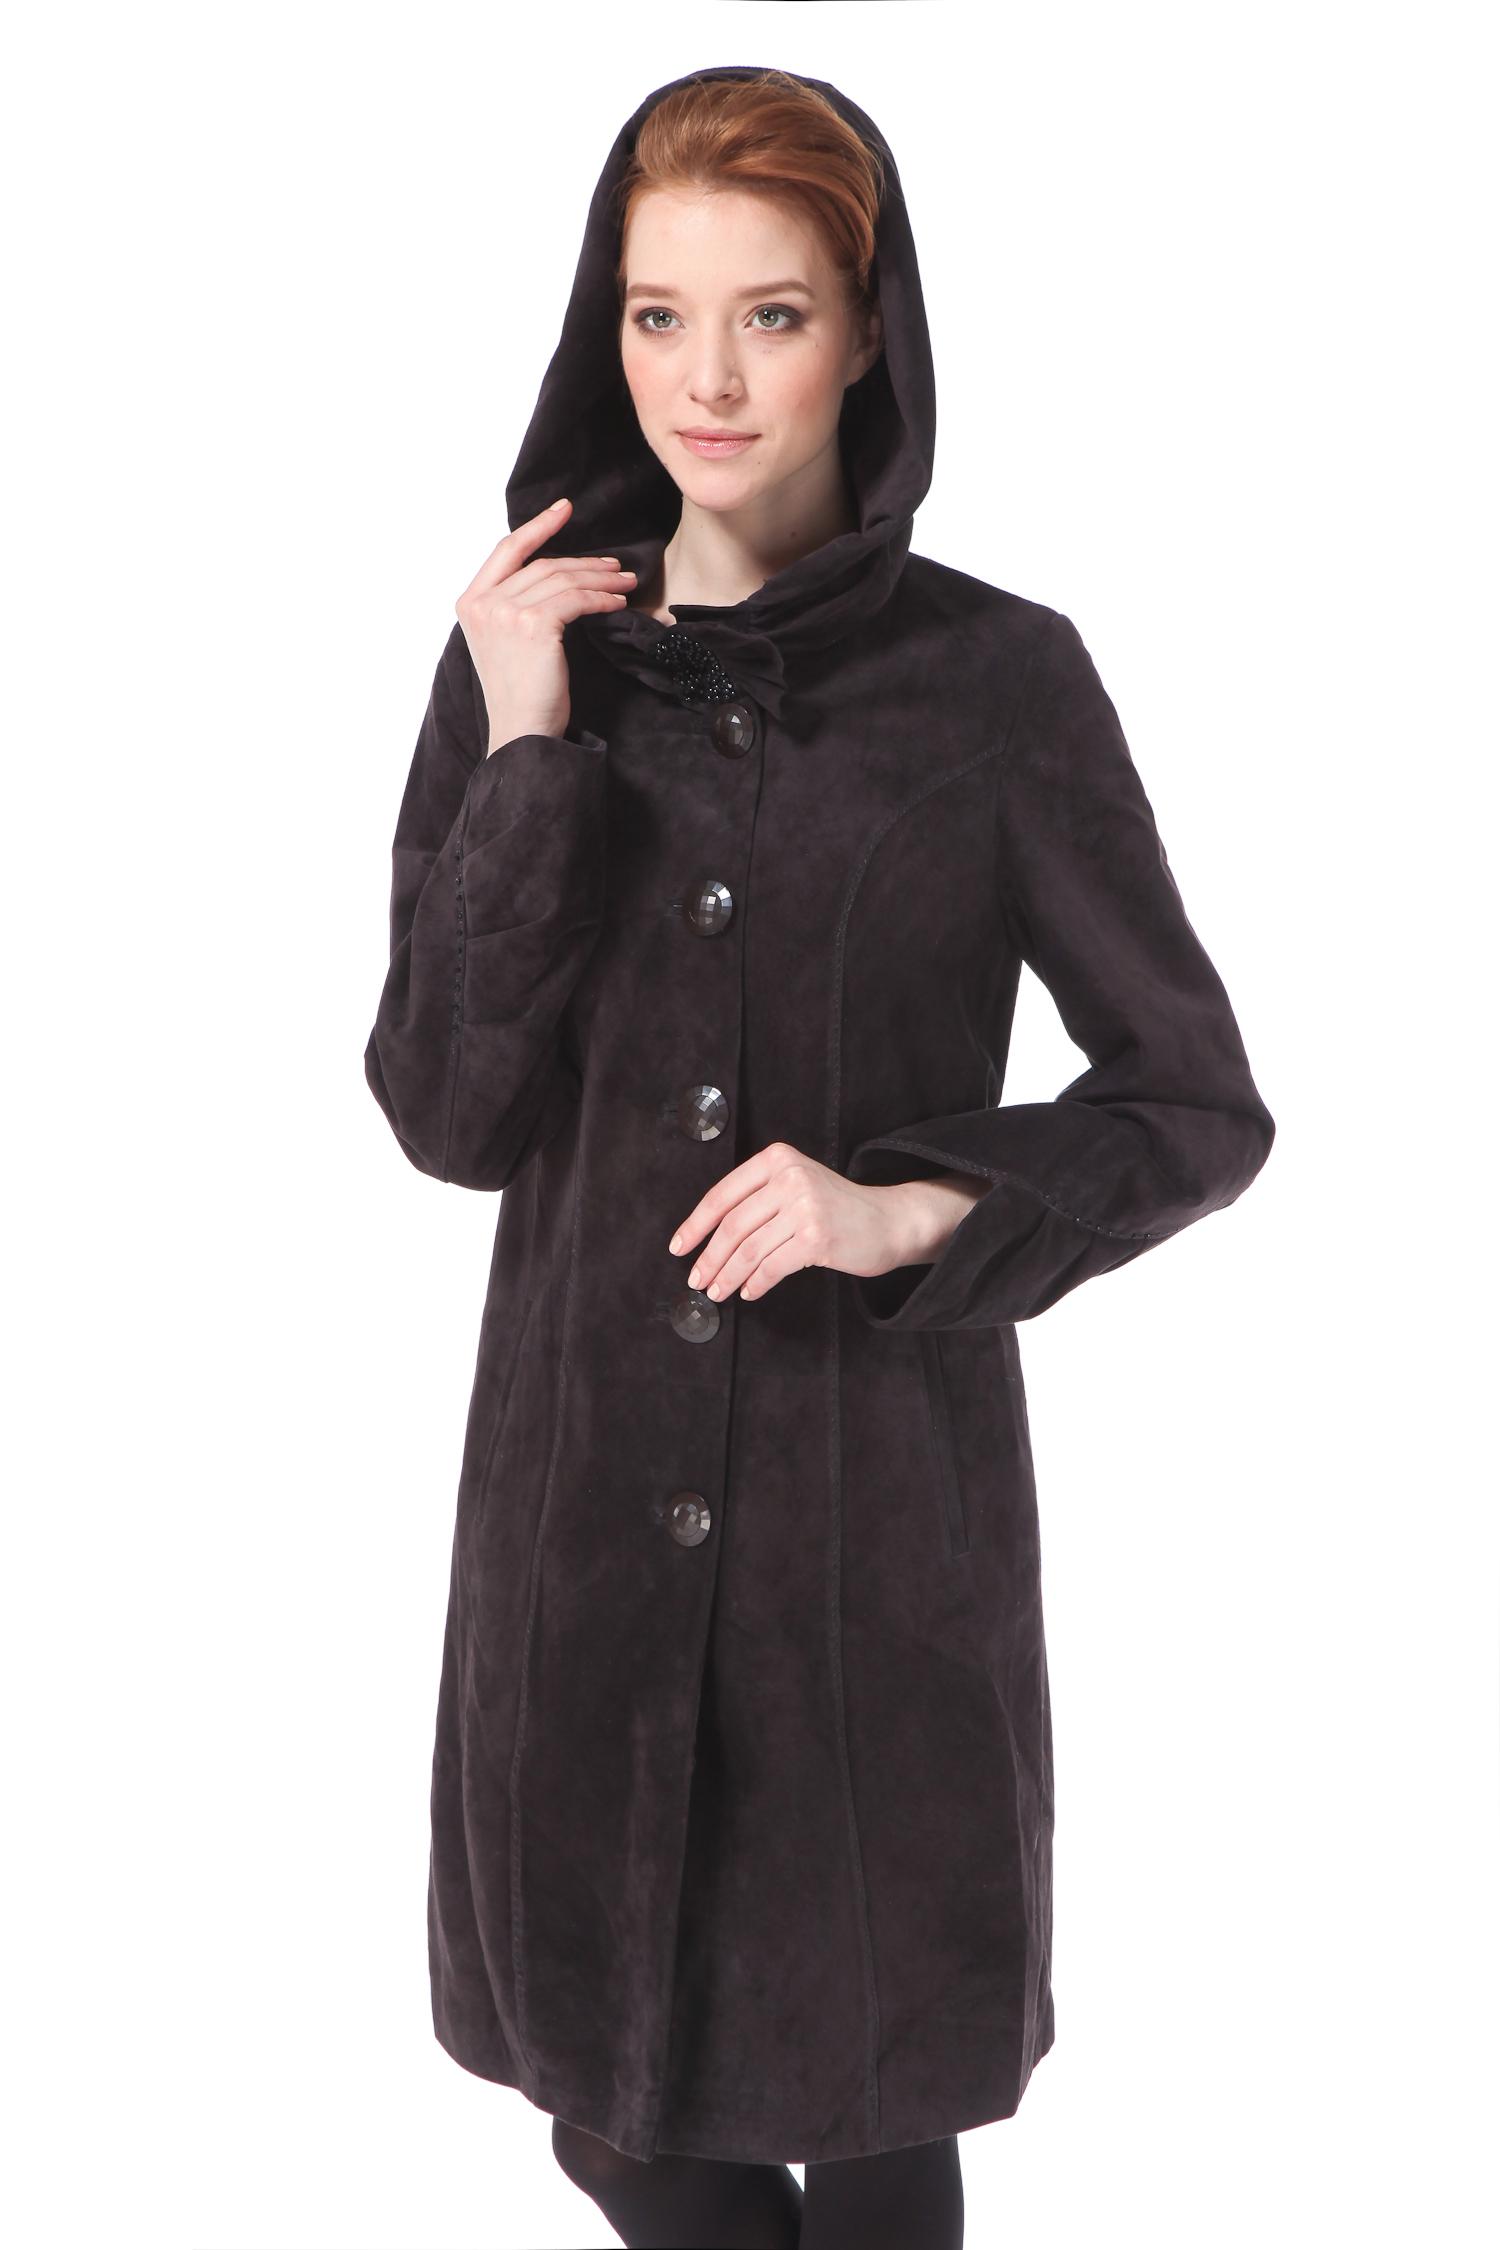 Женское кожаное пальто из натуральной замши с капюшоном, без отделки<br><br>Воротник: капюшон<br>Материал: Замша<br>Цвет: серый<br>Застежка: на пуговицы<br>Пол: Женский<br>Размер RU: 54